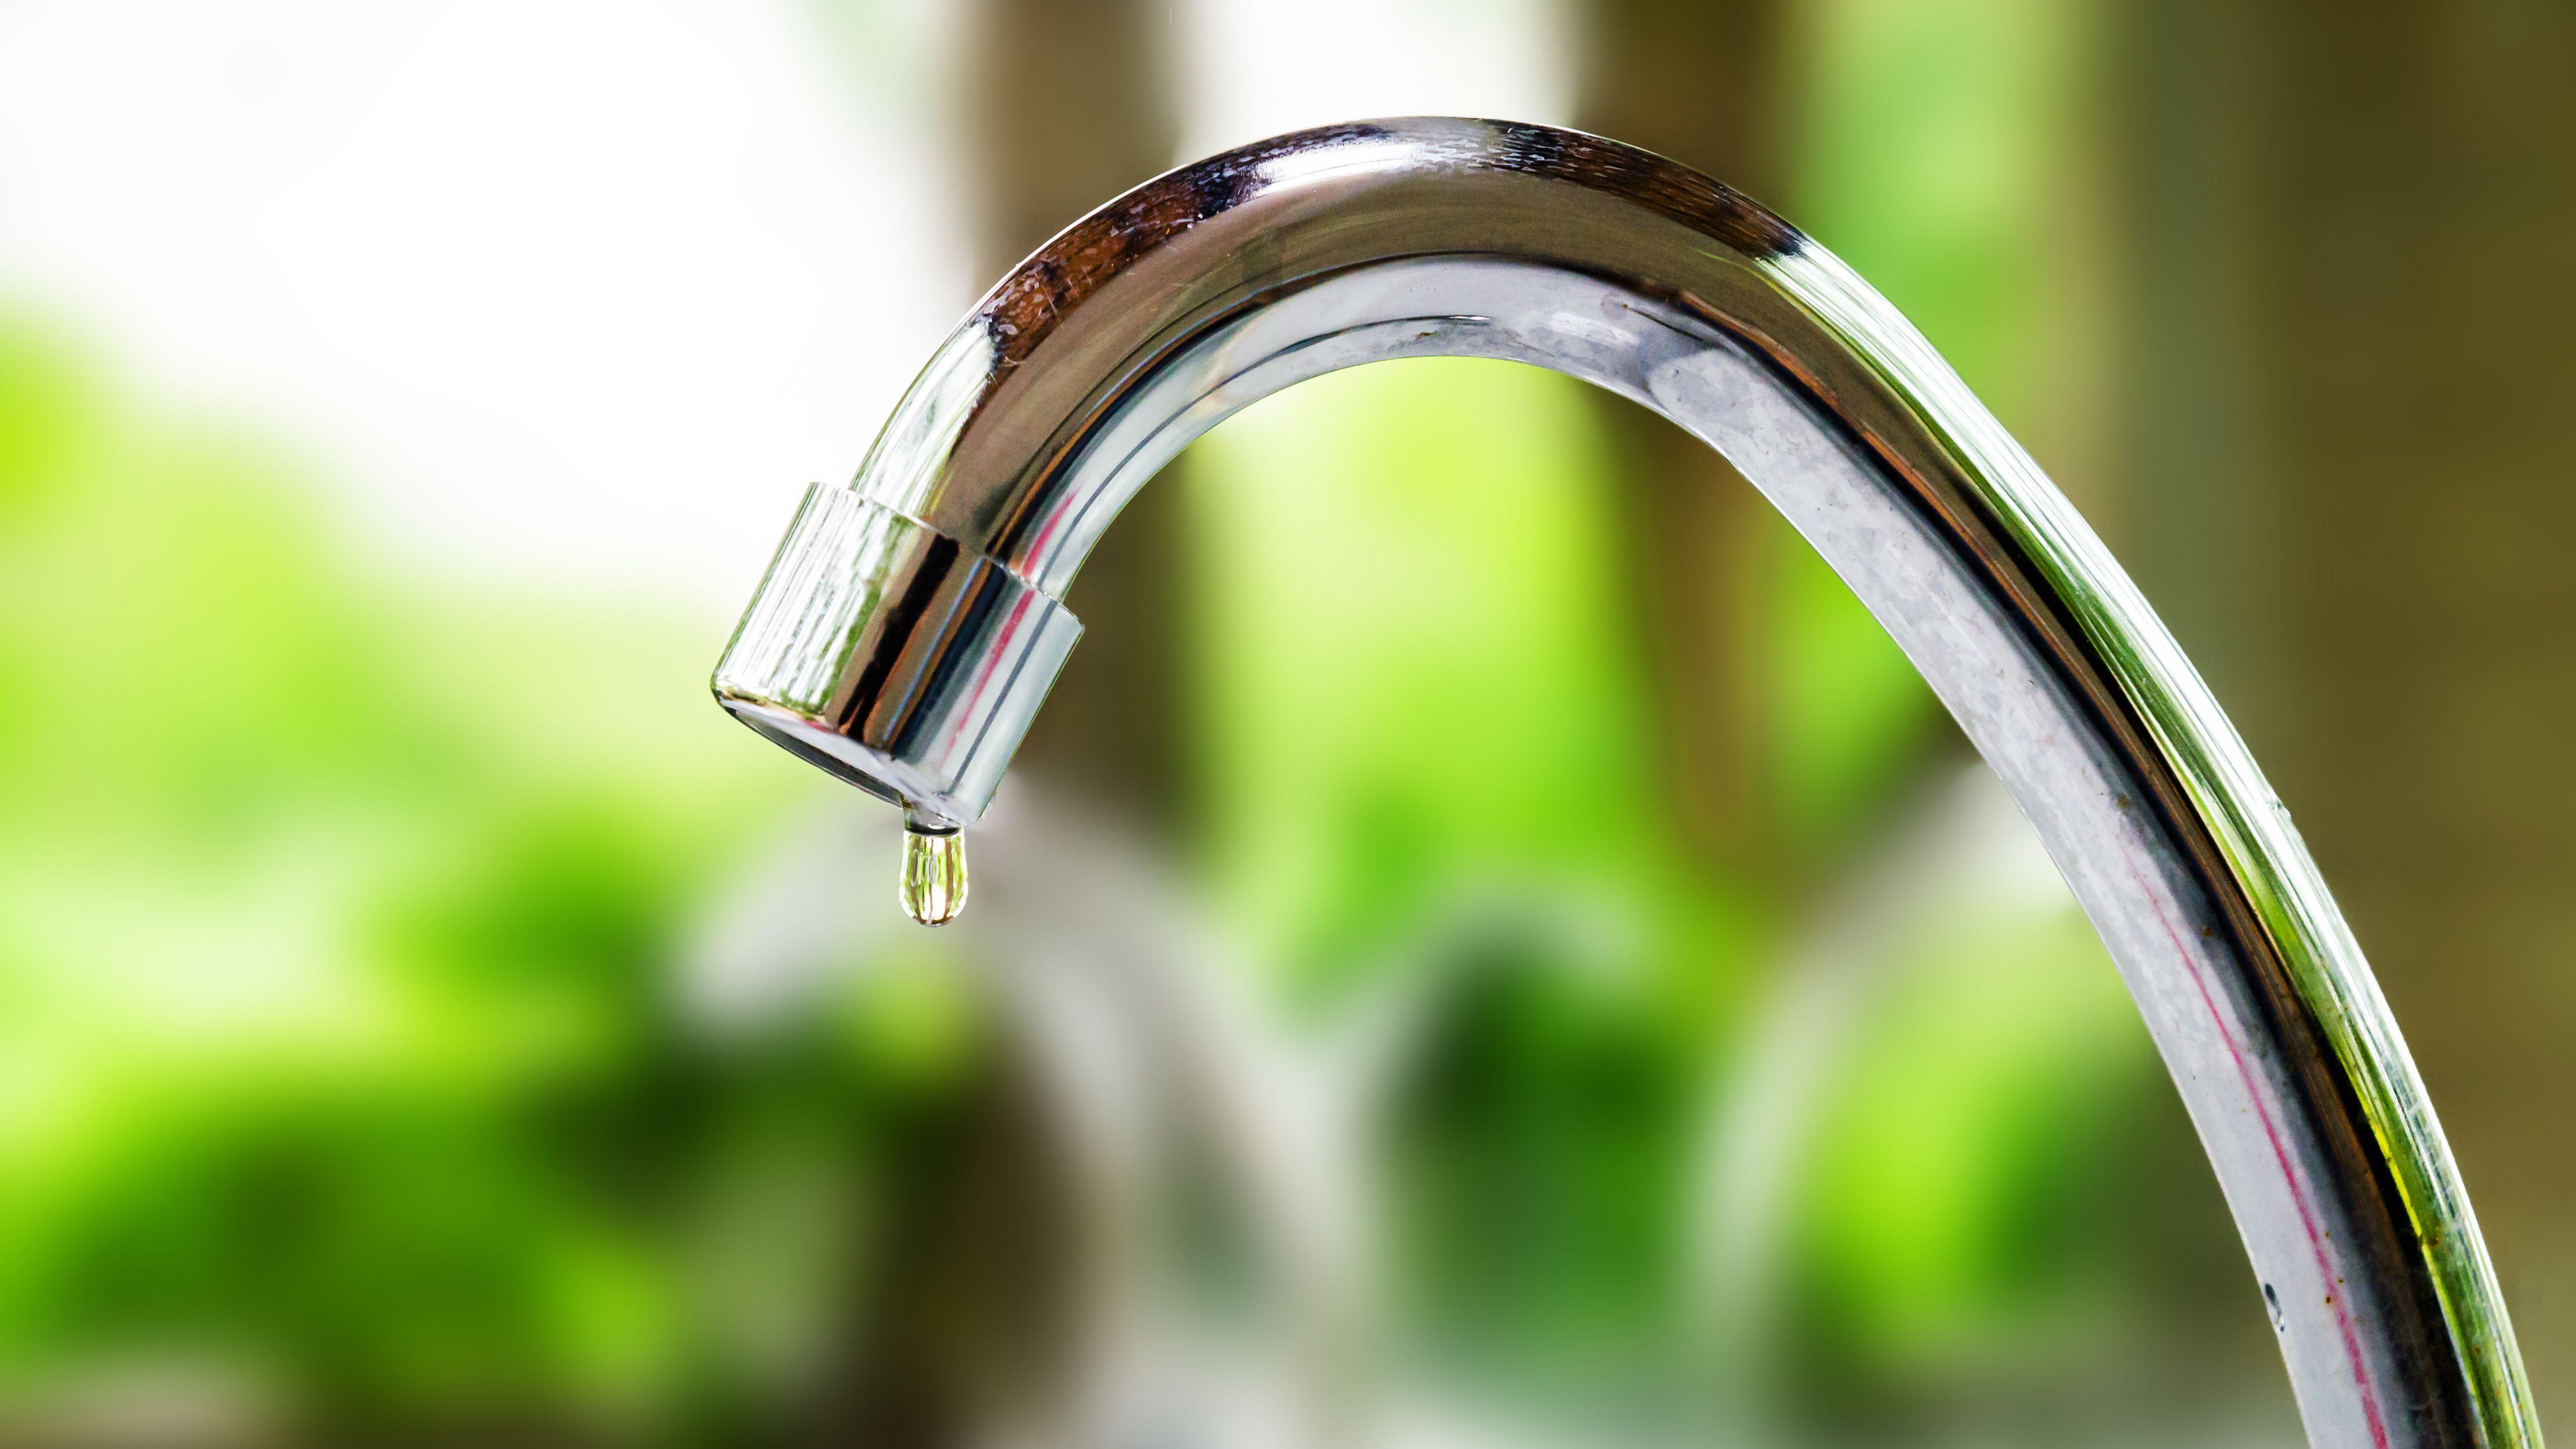 Il rubinetto che perde:  come ripararlo e sostituire le guarnizioni